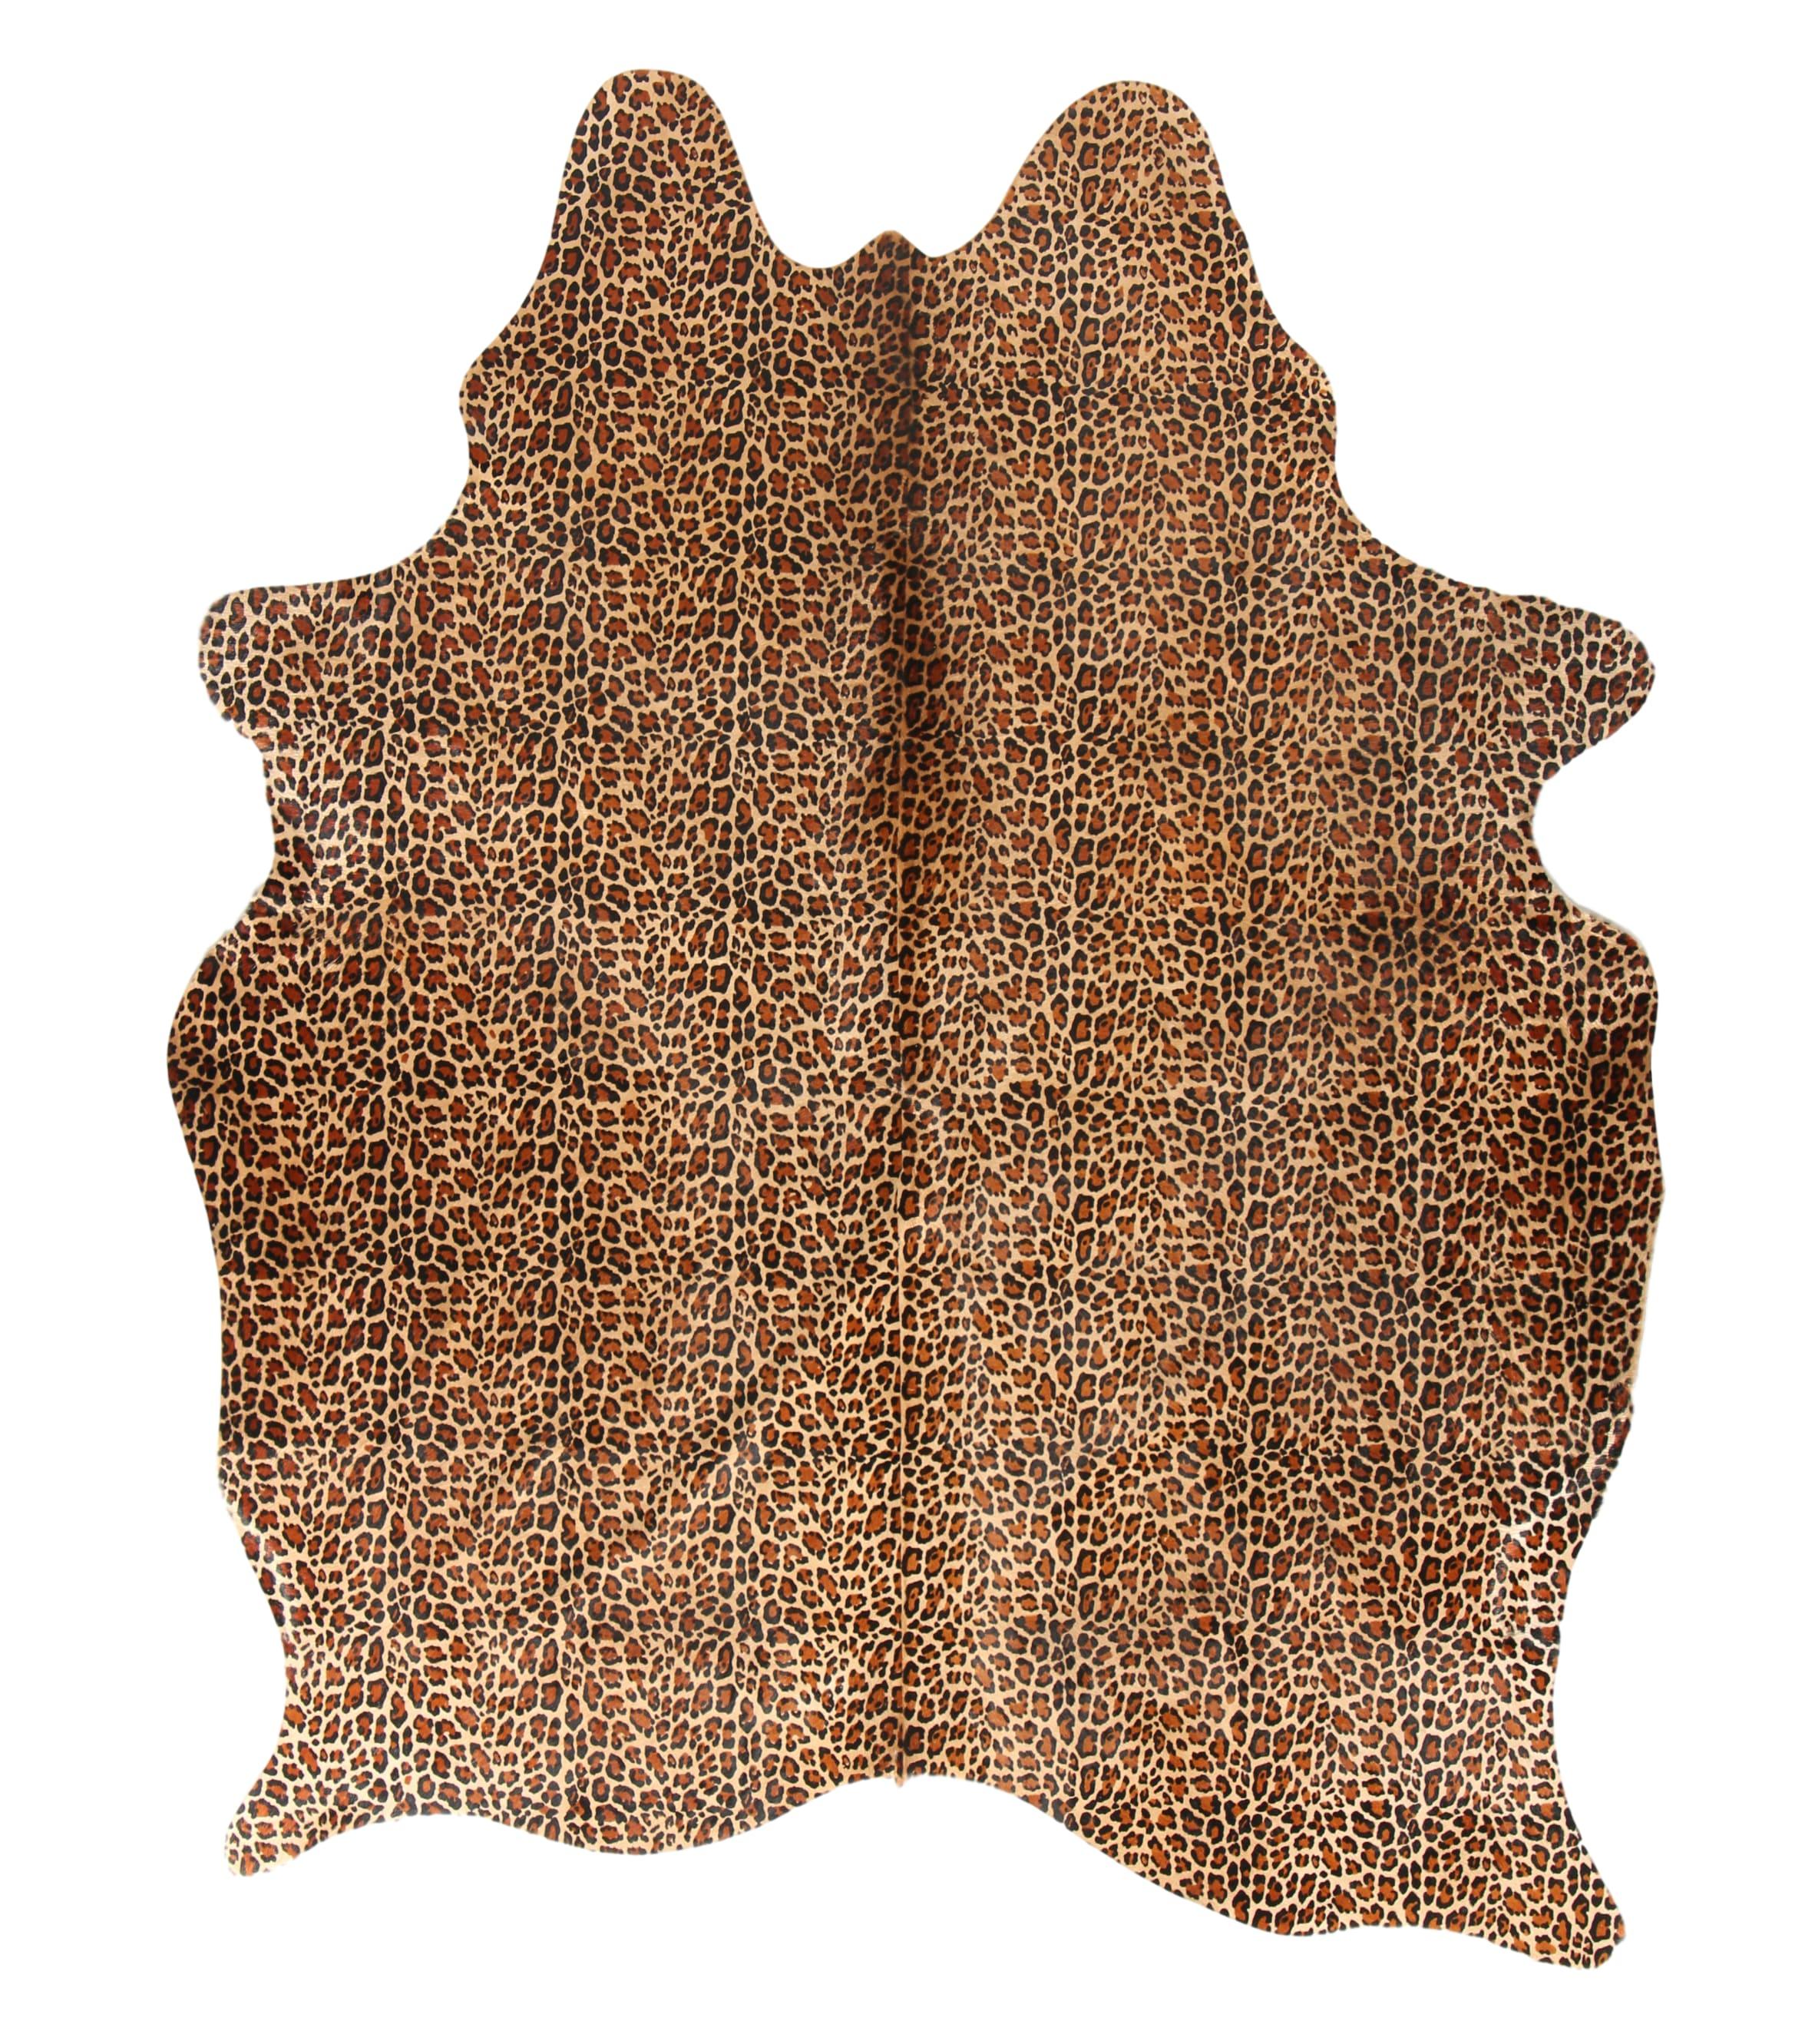 Tapis en peau de vache safari léopard 180x200